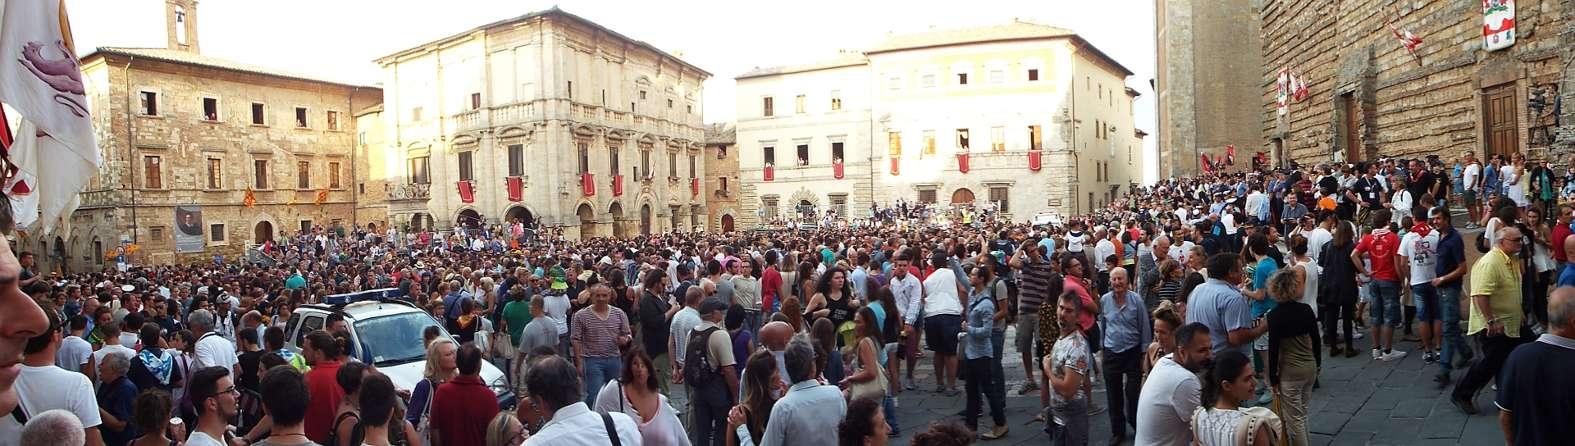 Montepulciano, il trend turistico del 2016 resta in positivo